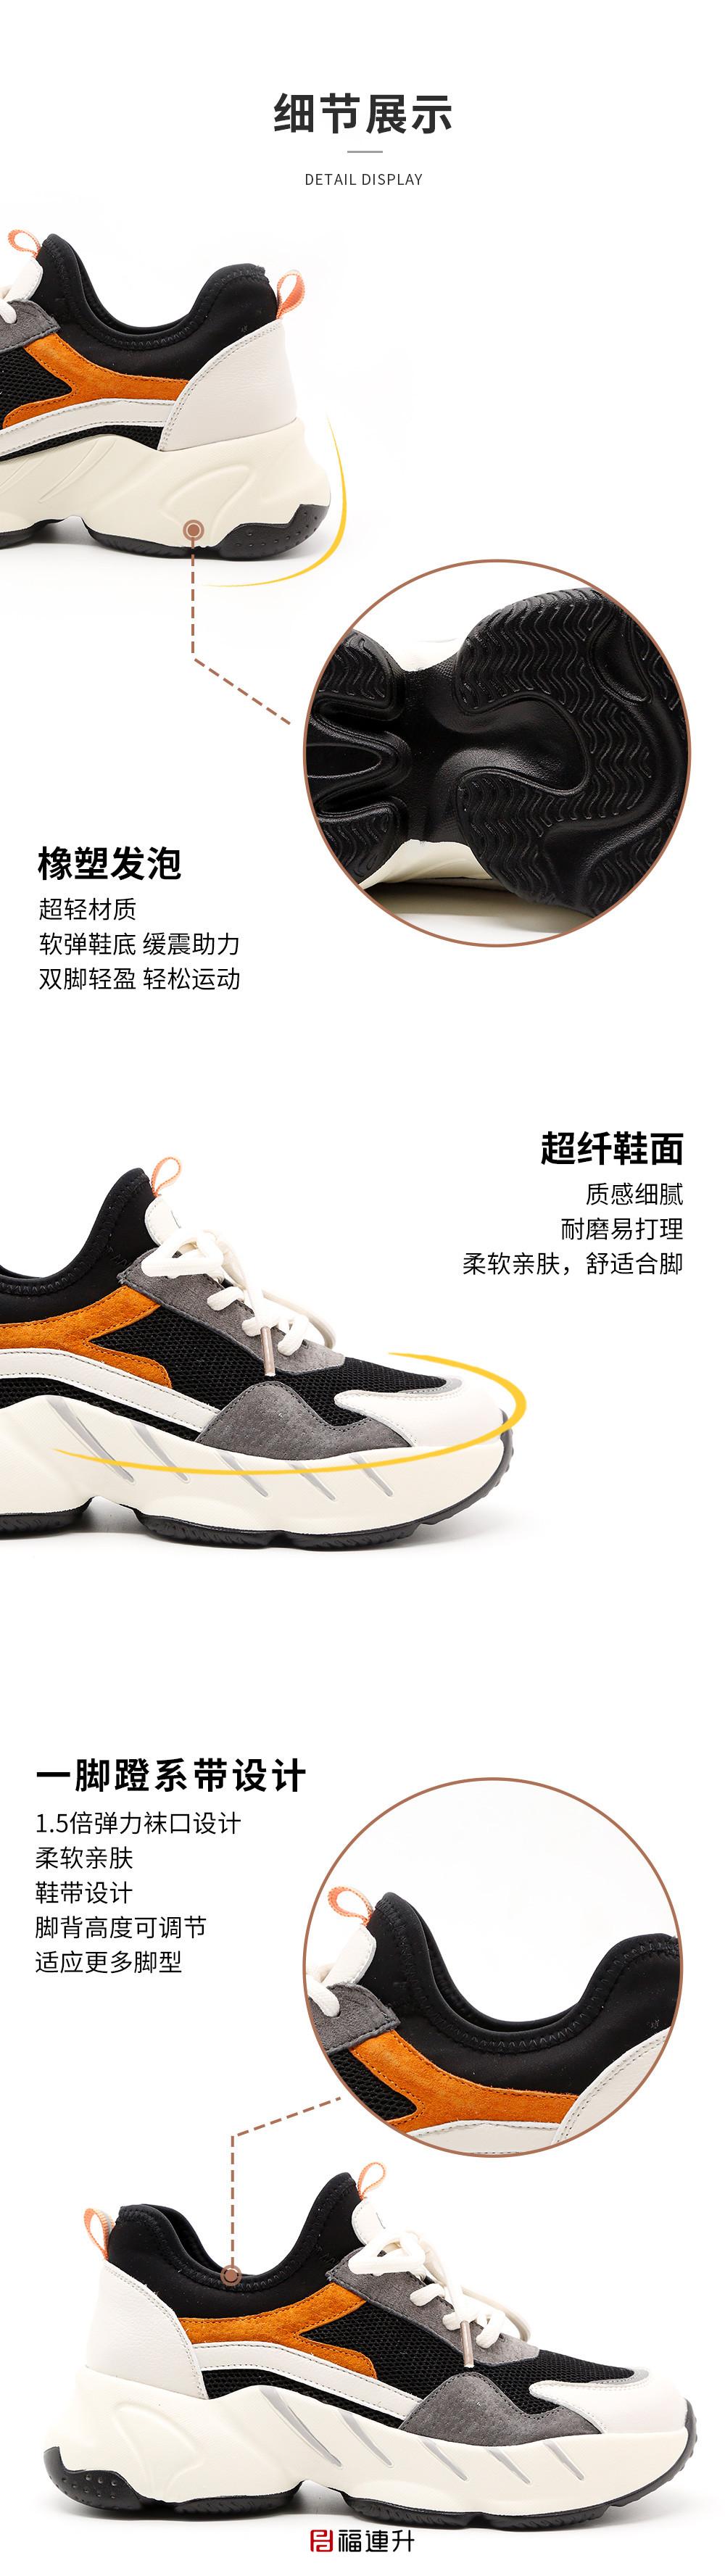 福连升男鞋运动鞋百搭厚底棉麻透气舒适休闲鞋图片